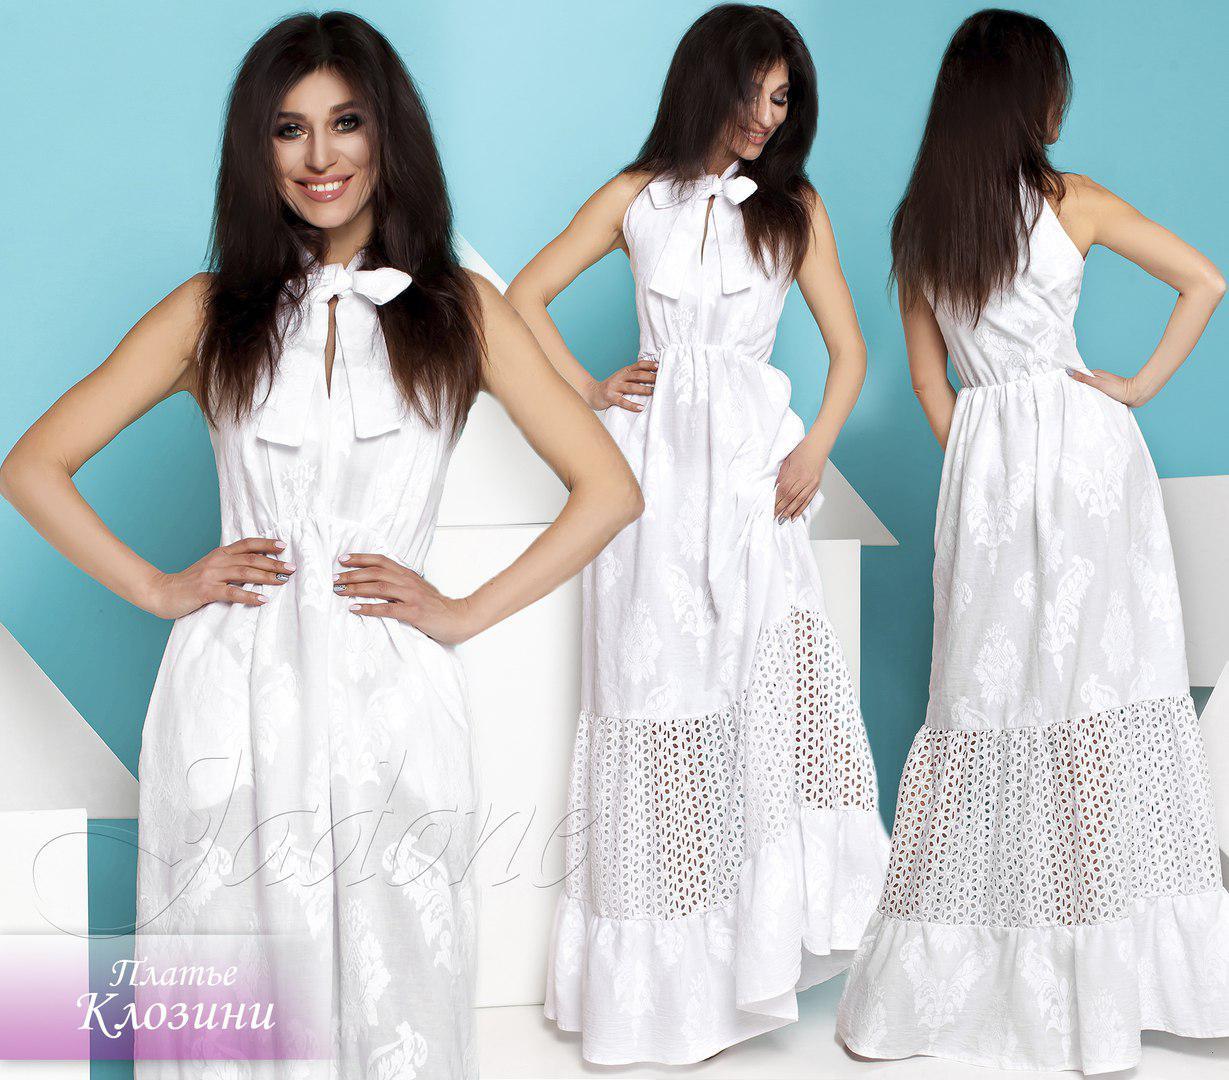 826cc7316b2 Длинное белое платье из хлопка с вышивкой и вставкой из прошвы Клозини. 840  грн. В наличии. Купить